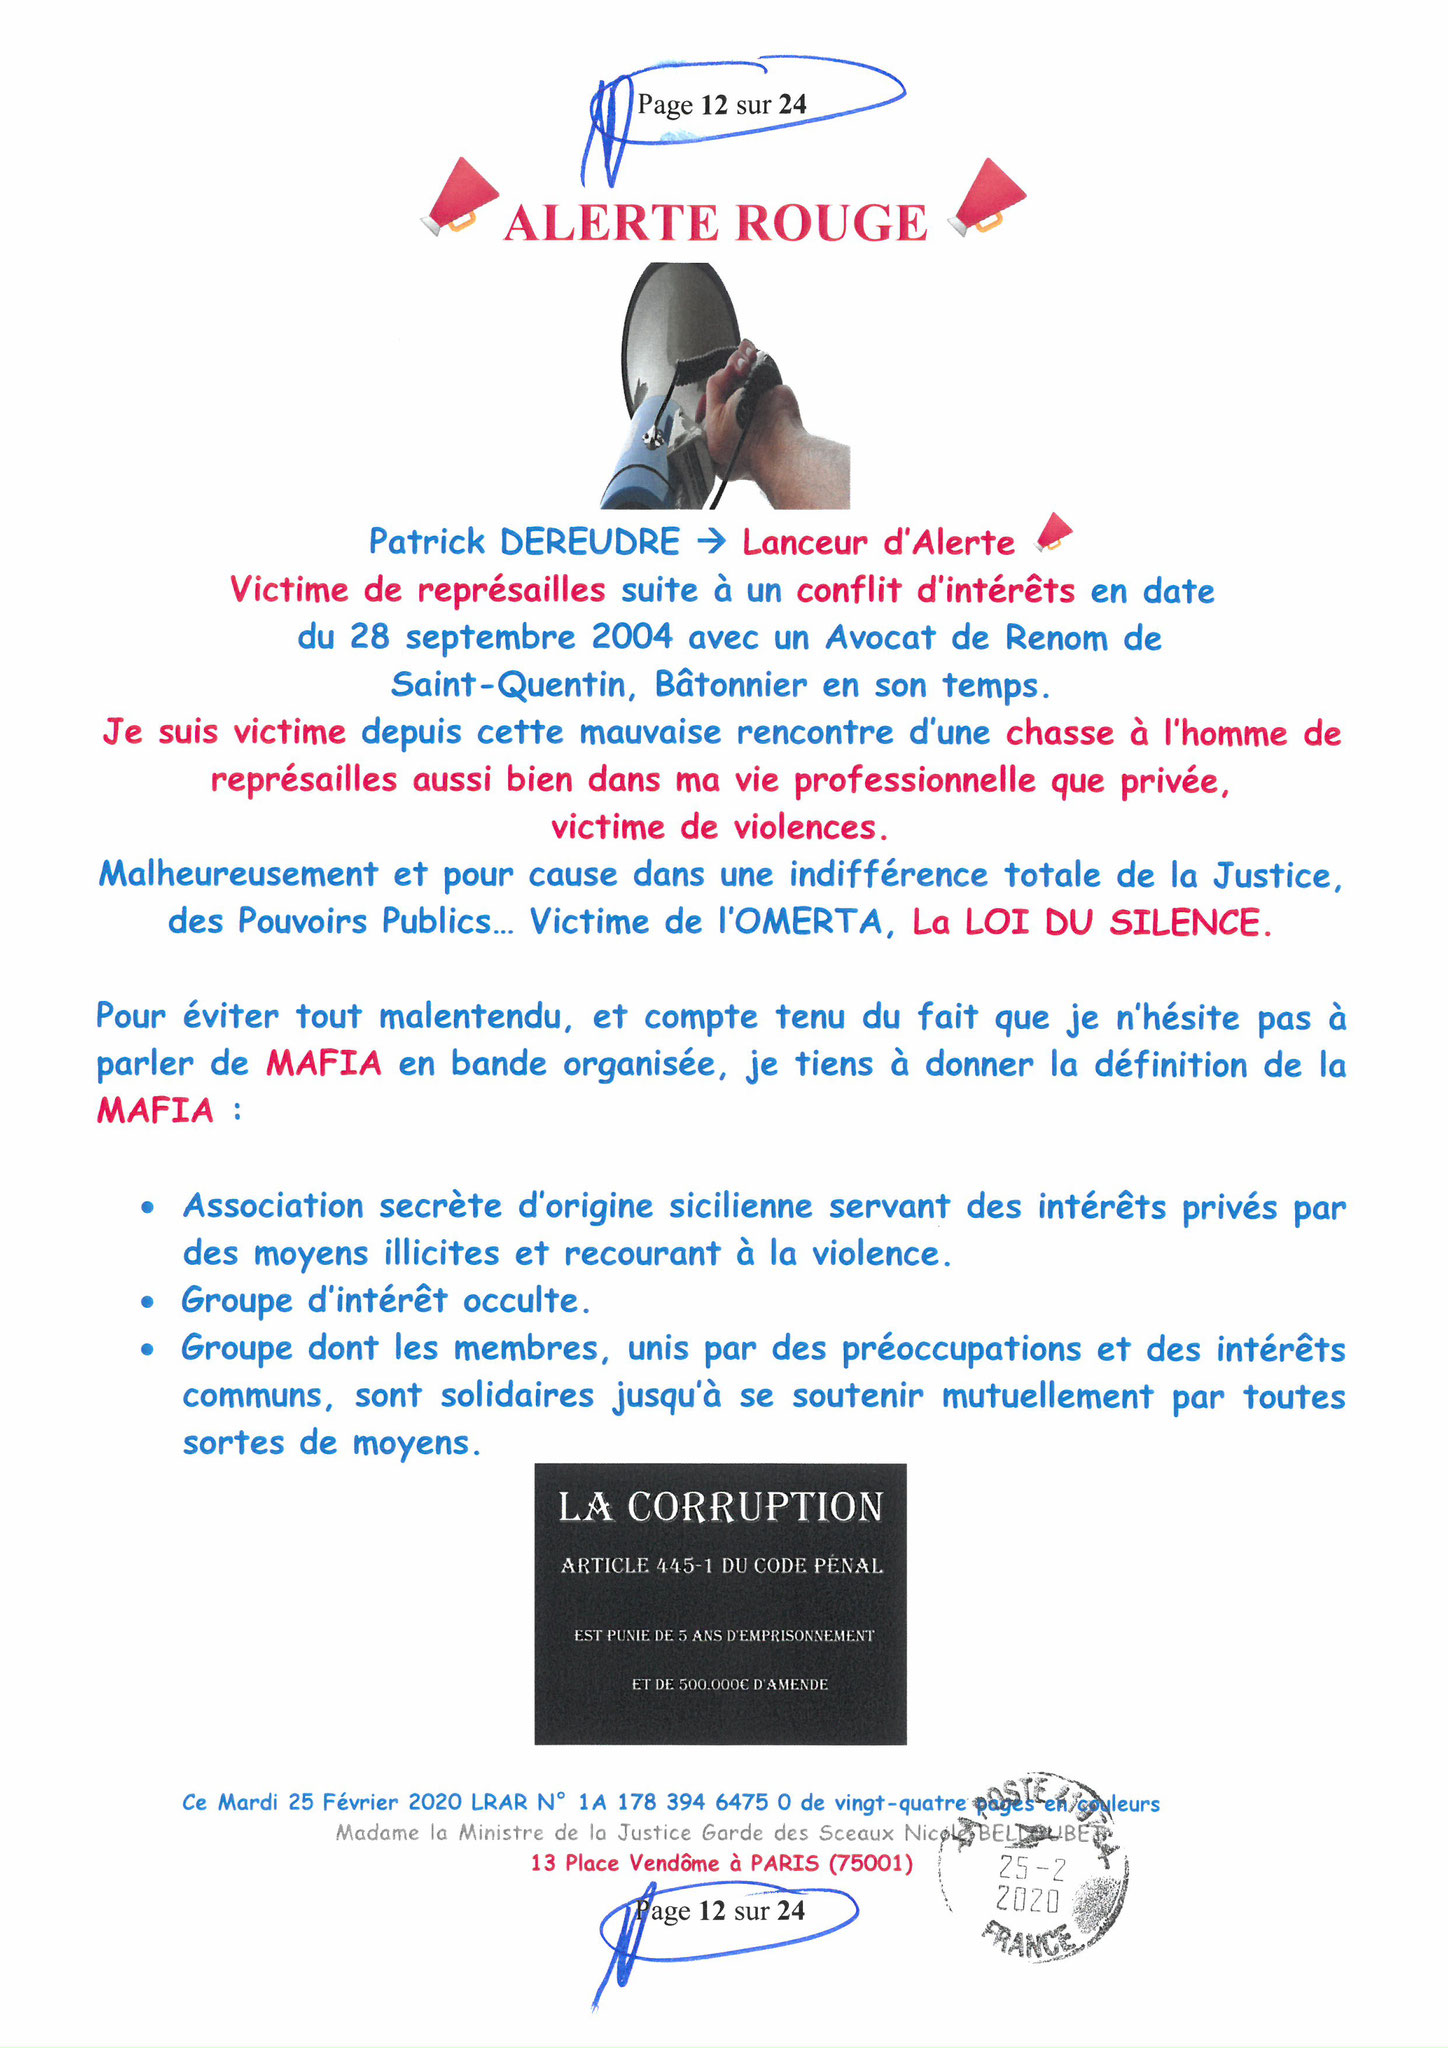 Ma LRAR à Madame Nicole BELLOUBET la Ministre de la Justice N0 1A 178 394 6475 0 Page 12 sur 24 en couleur  www.jesuispatrick.com www.jesuisvictime.fr www.alerte-rouge-france.fr